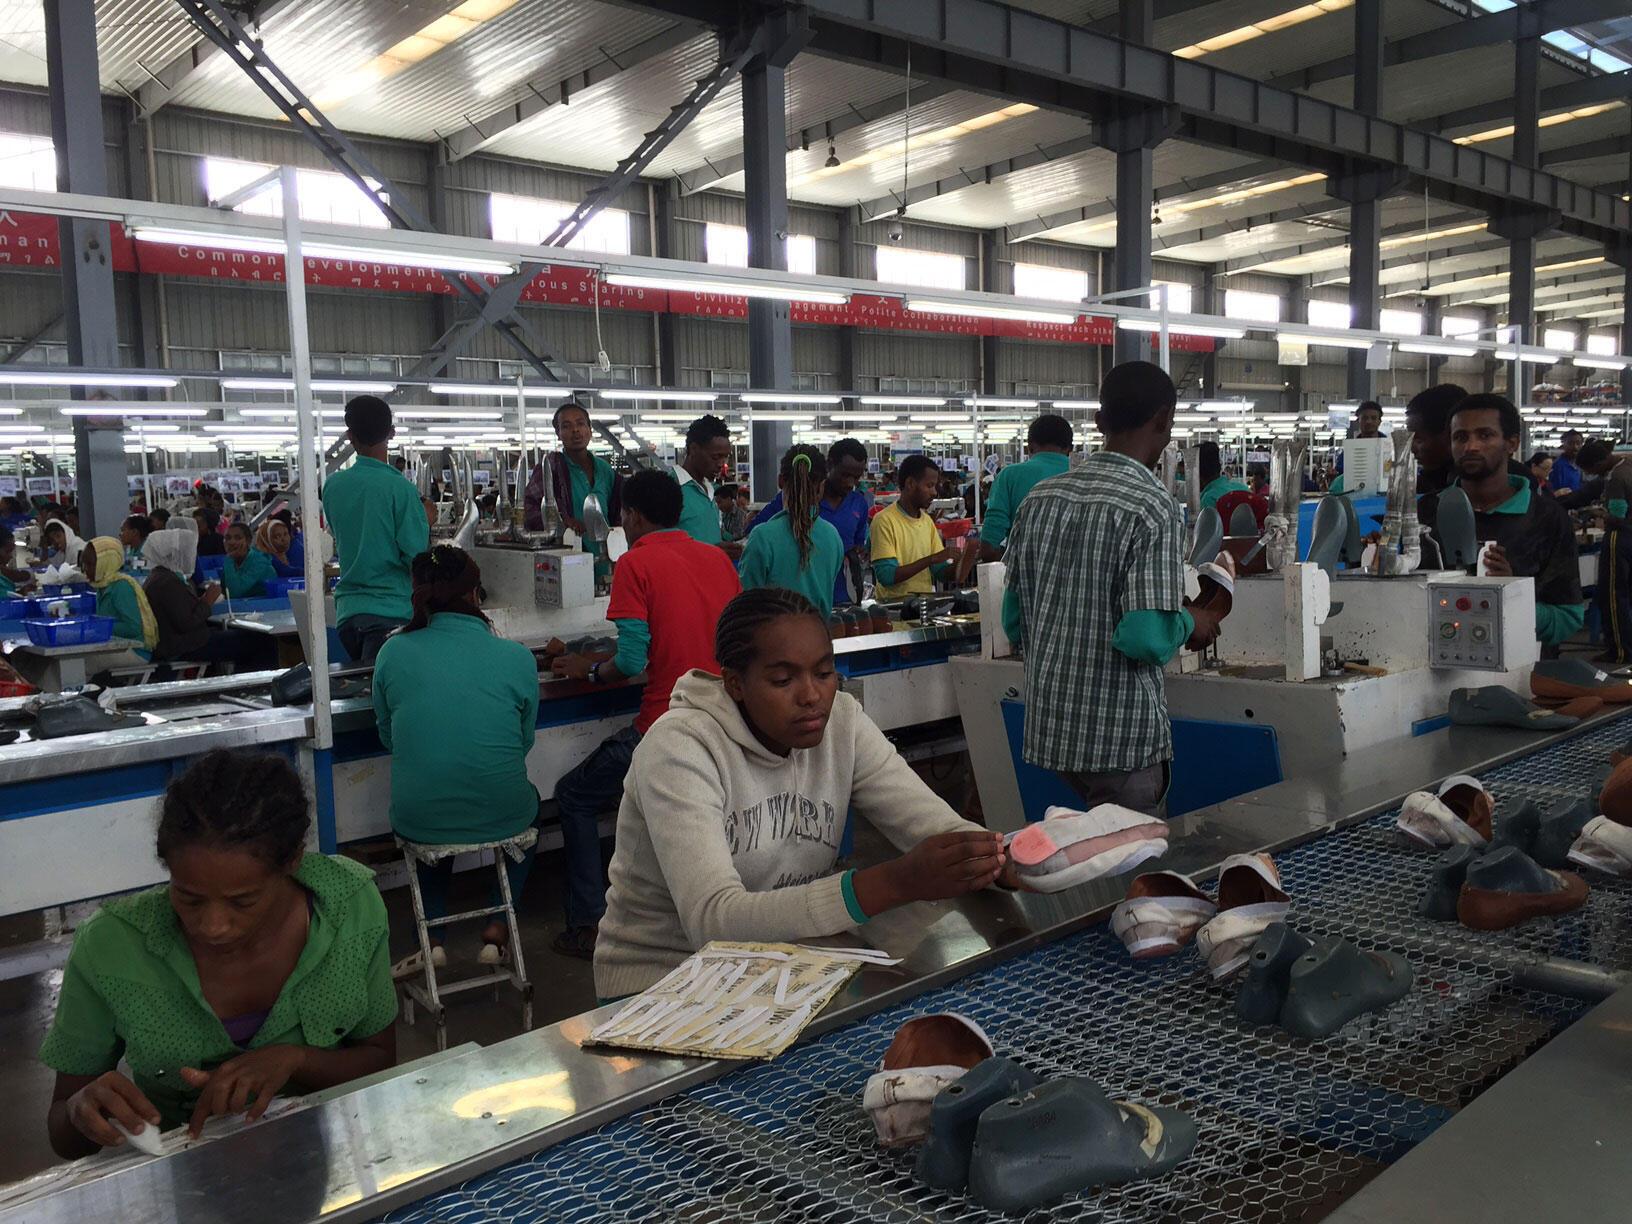 Usine chinoise de chaussures dans la banlieue industrielle d'Addis-Abeba.